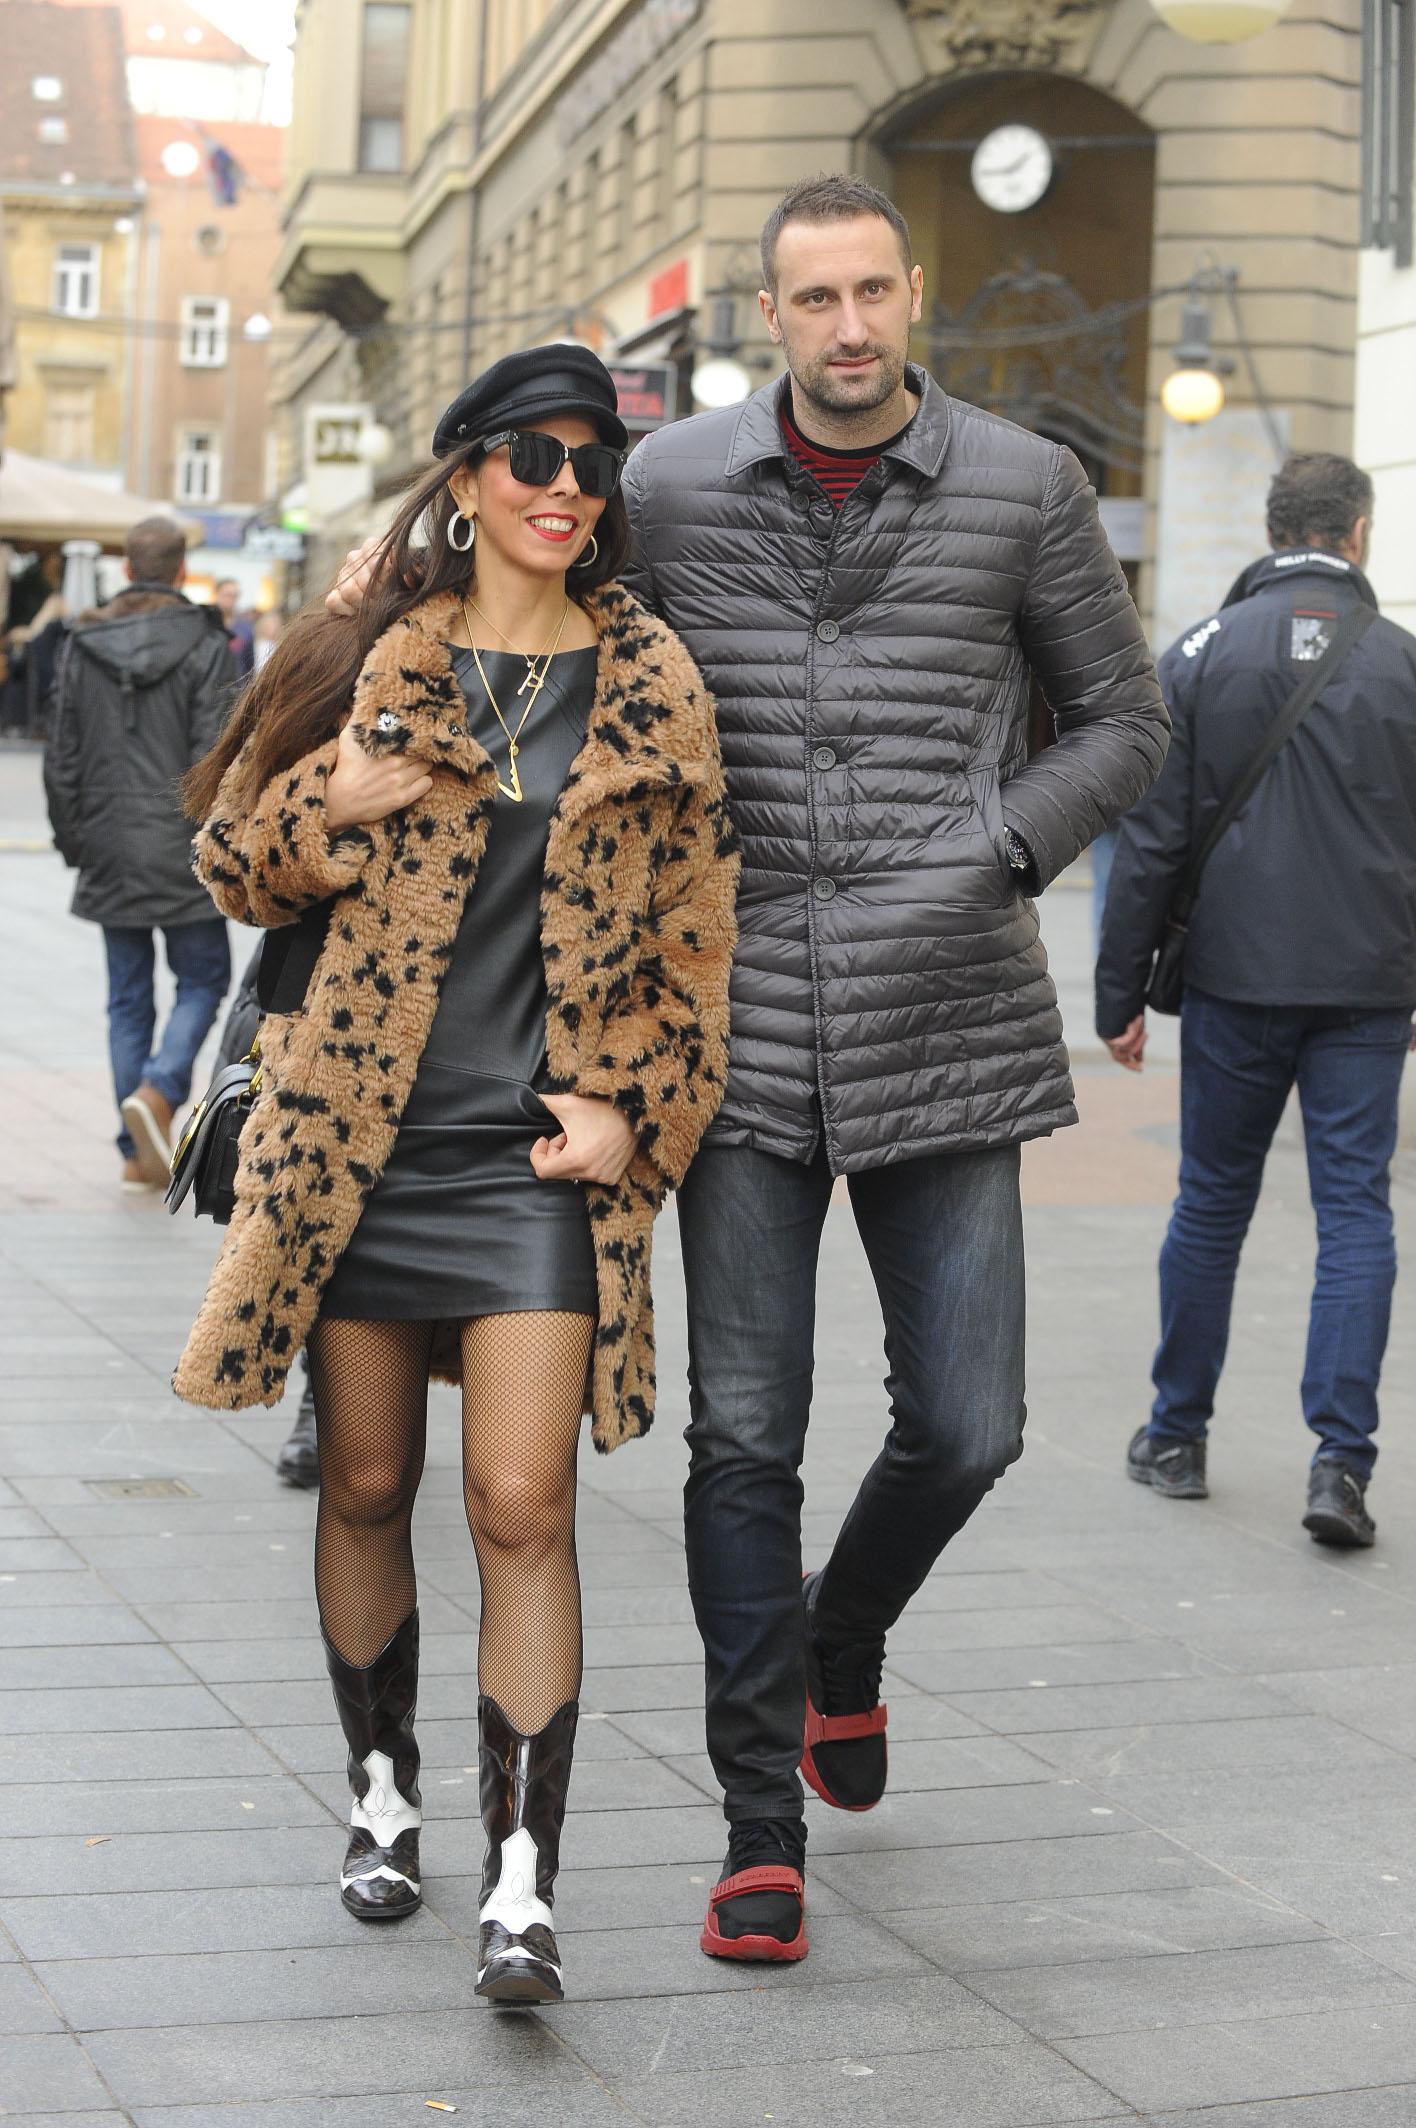 Spica / Zagreb 02.02.2019. / foto. Maja Jurovic / Igor Vori i supruga Olja Vori